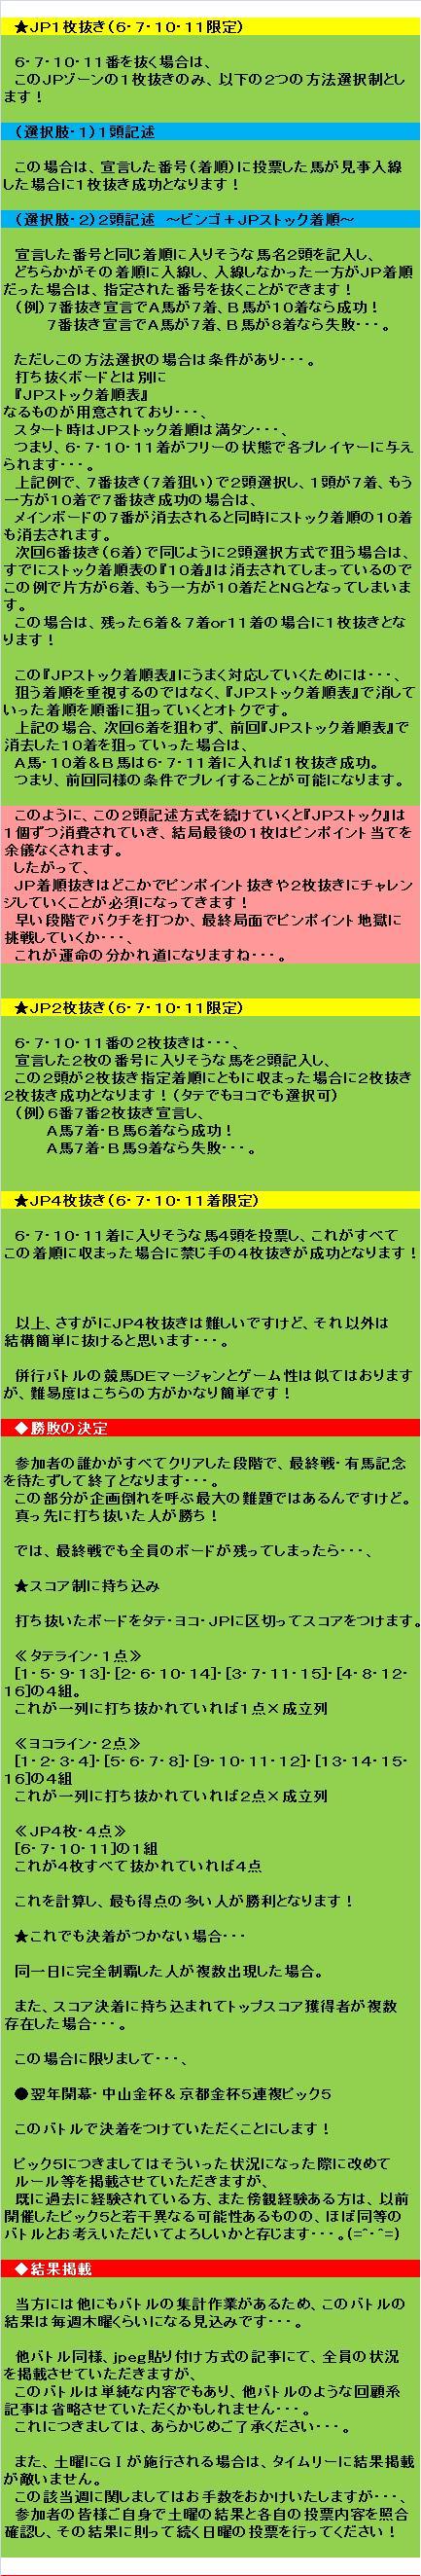 20100319・ストラックアウト・ルール④.jpg